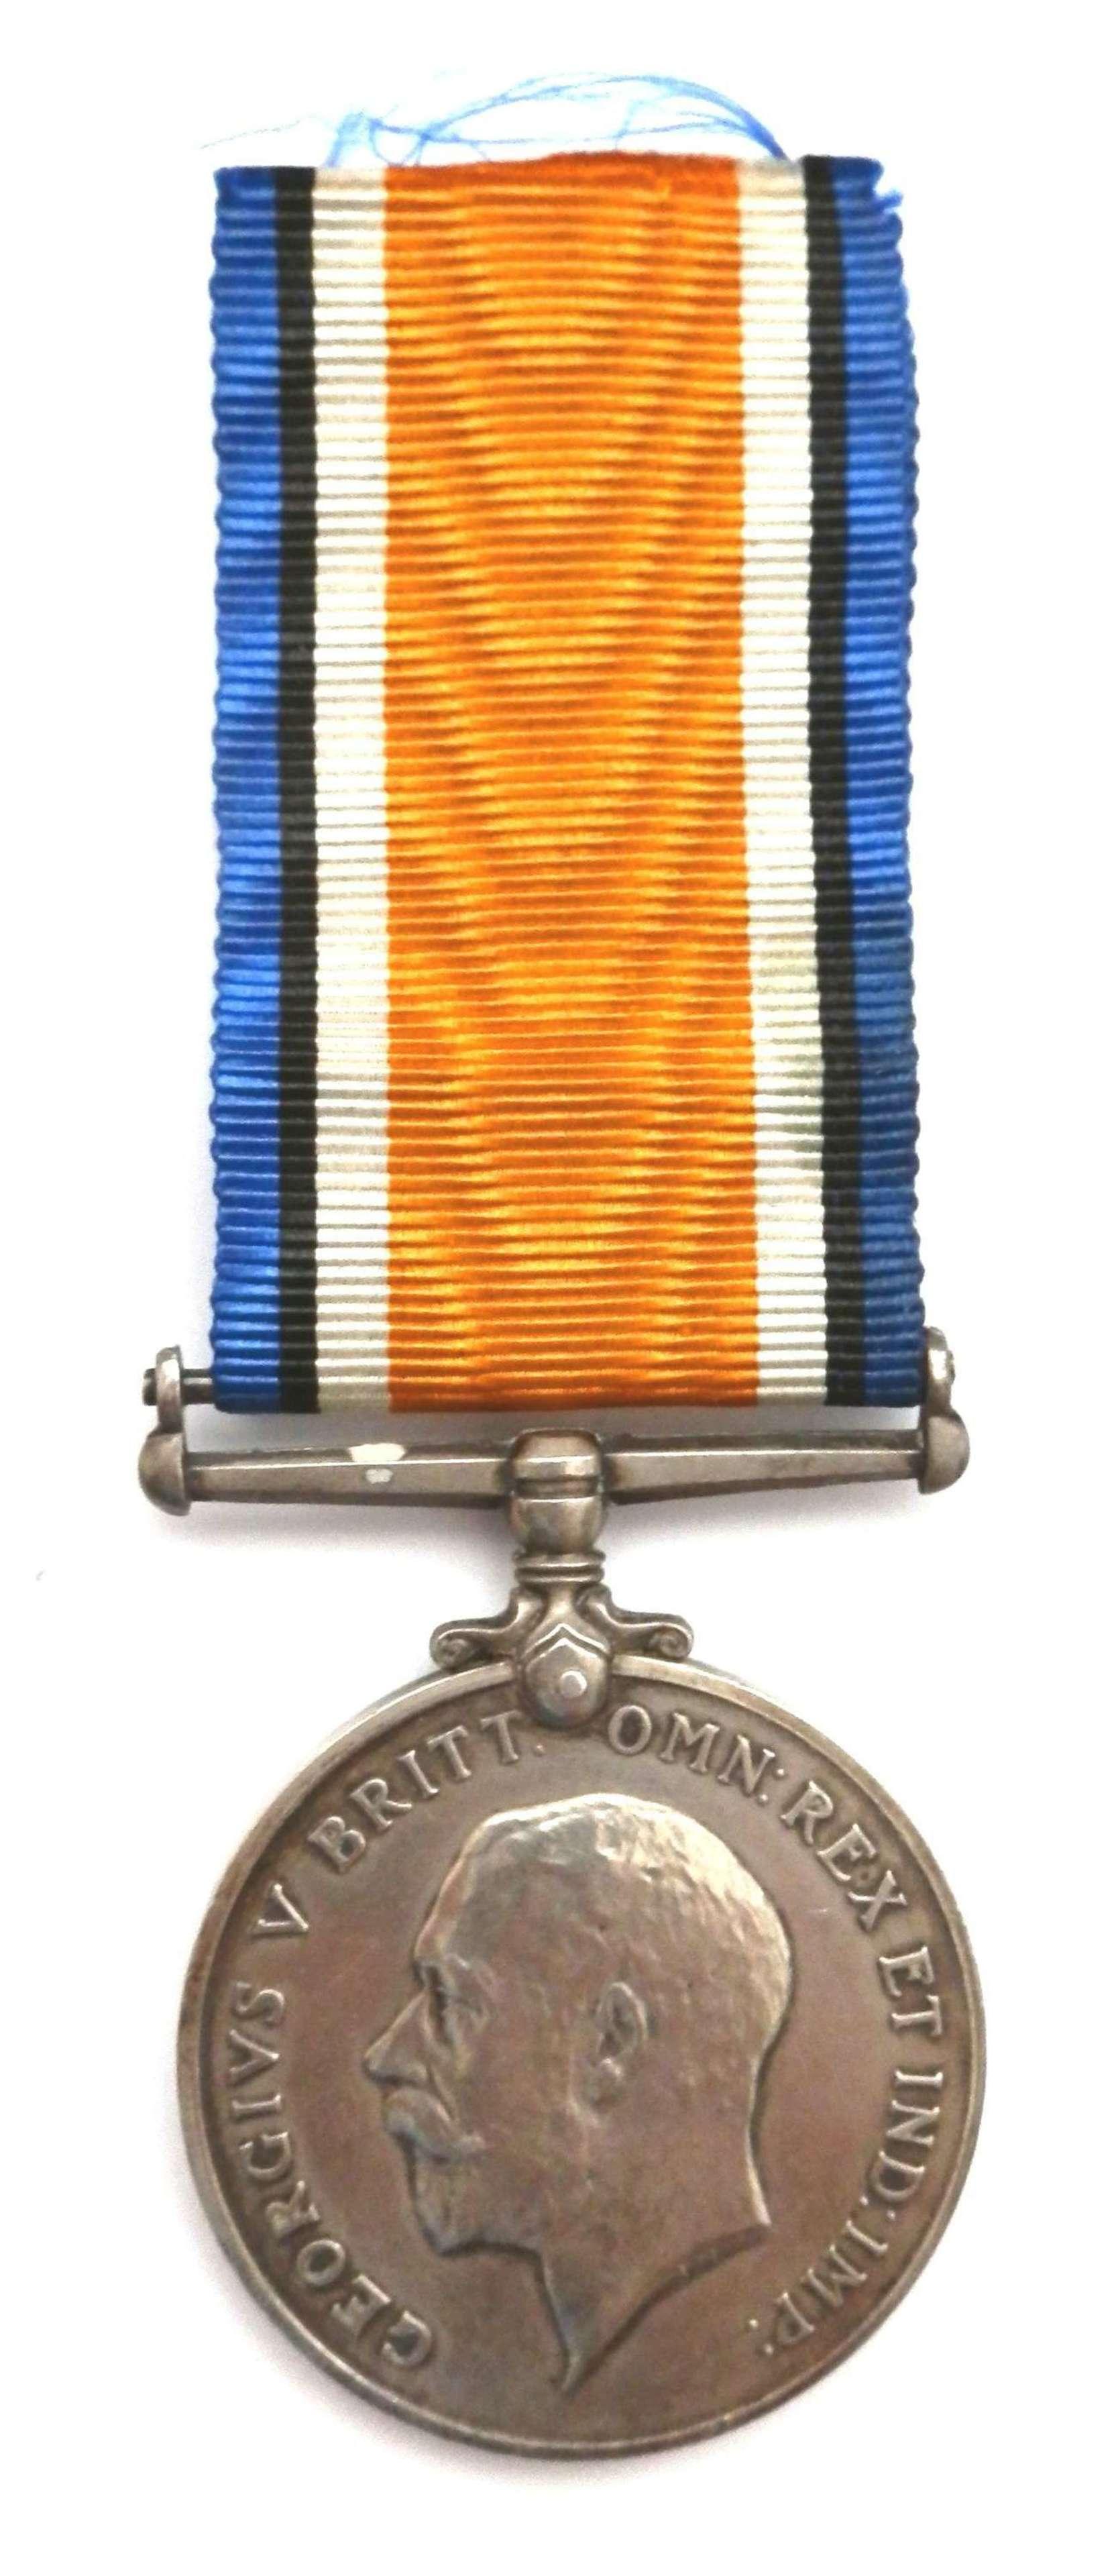 British War Medal. Pte.H.V.F. O'Donoghue. 31st Bn Canadian Inf. Died